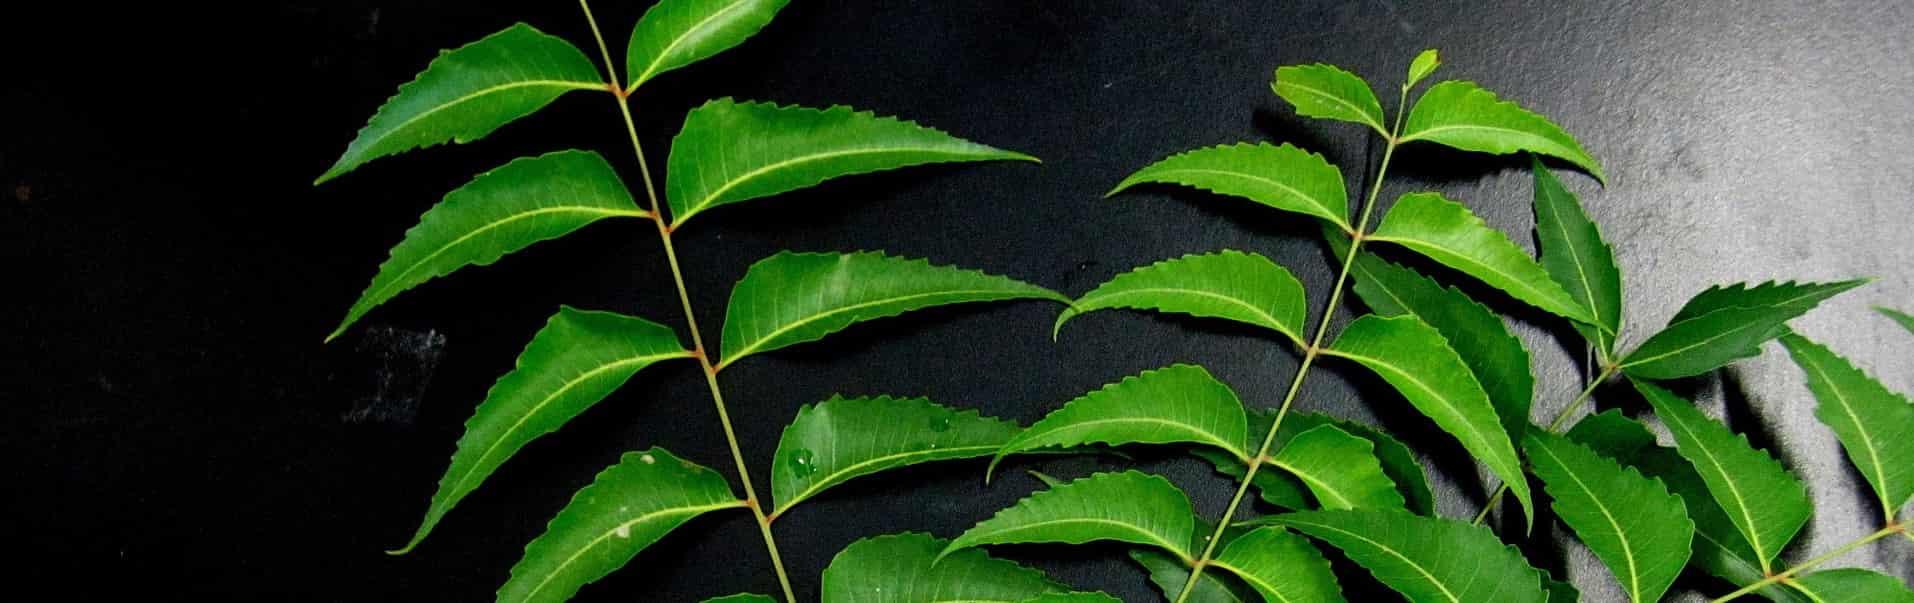 Neem (Niembaum), Neemblätter, grün, Zweige